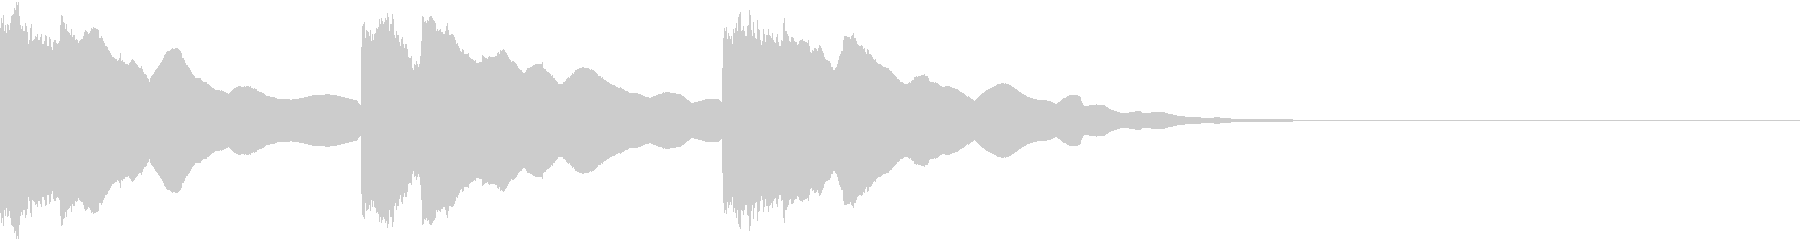 潜水艦の中のような電子音2(3発)の未再生の波形